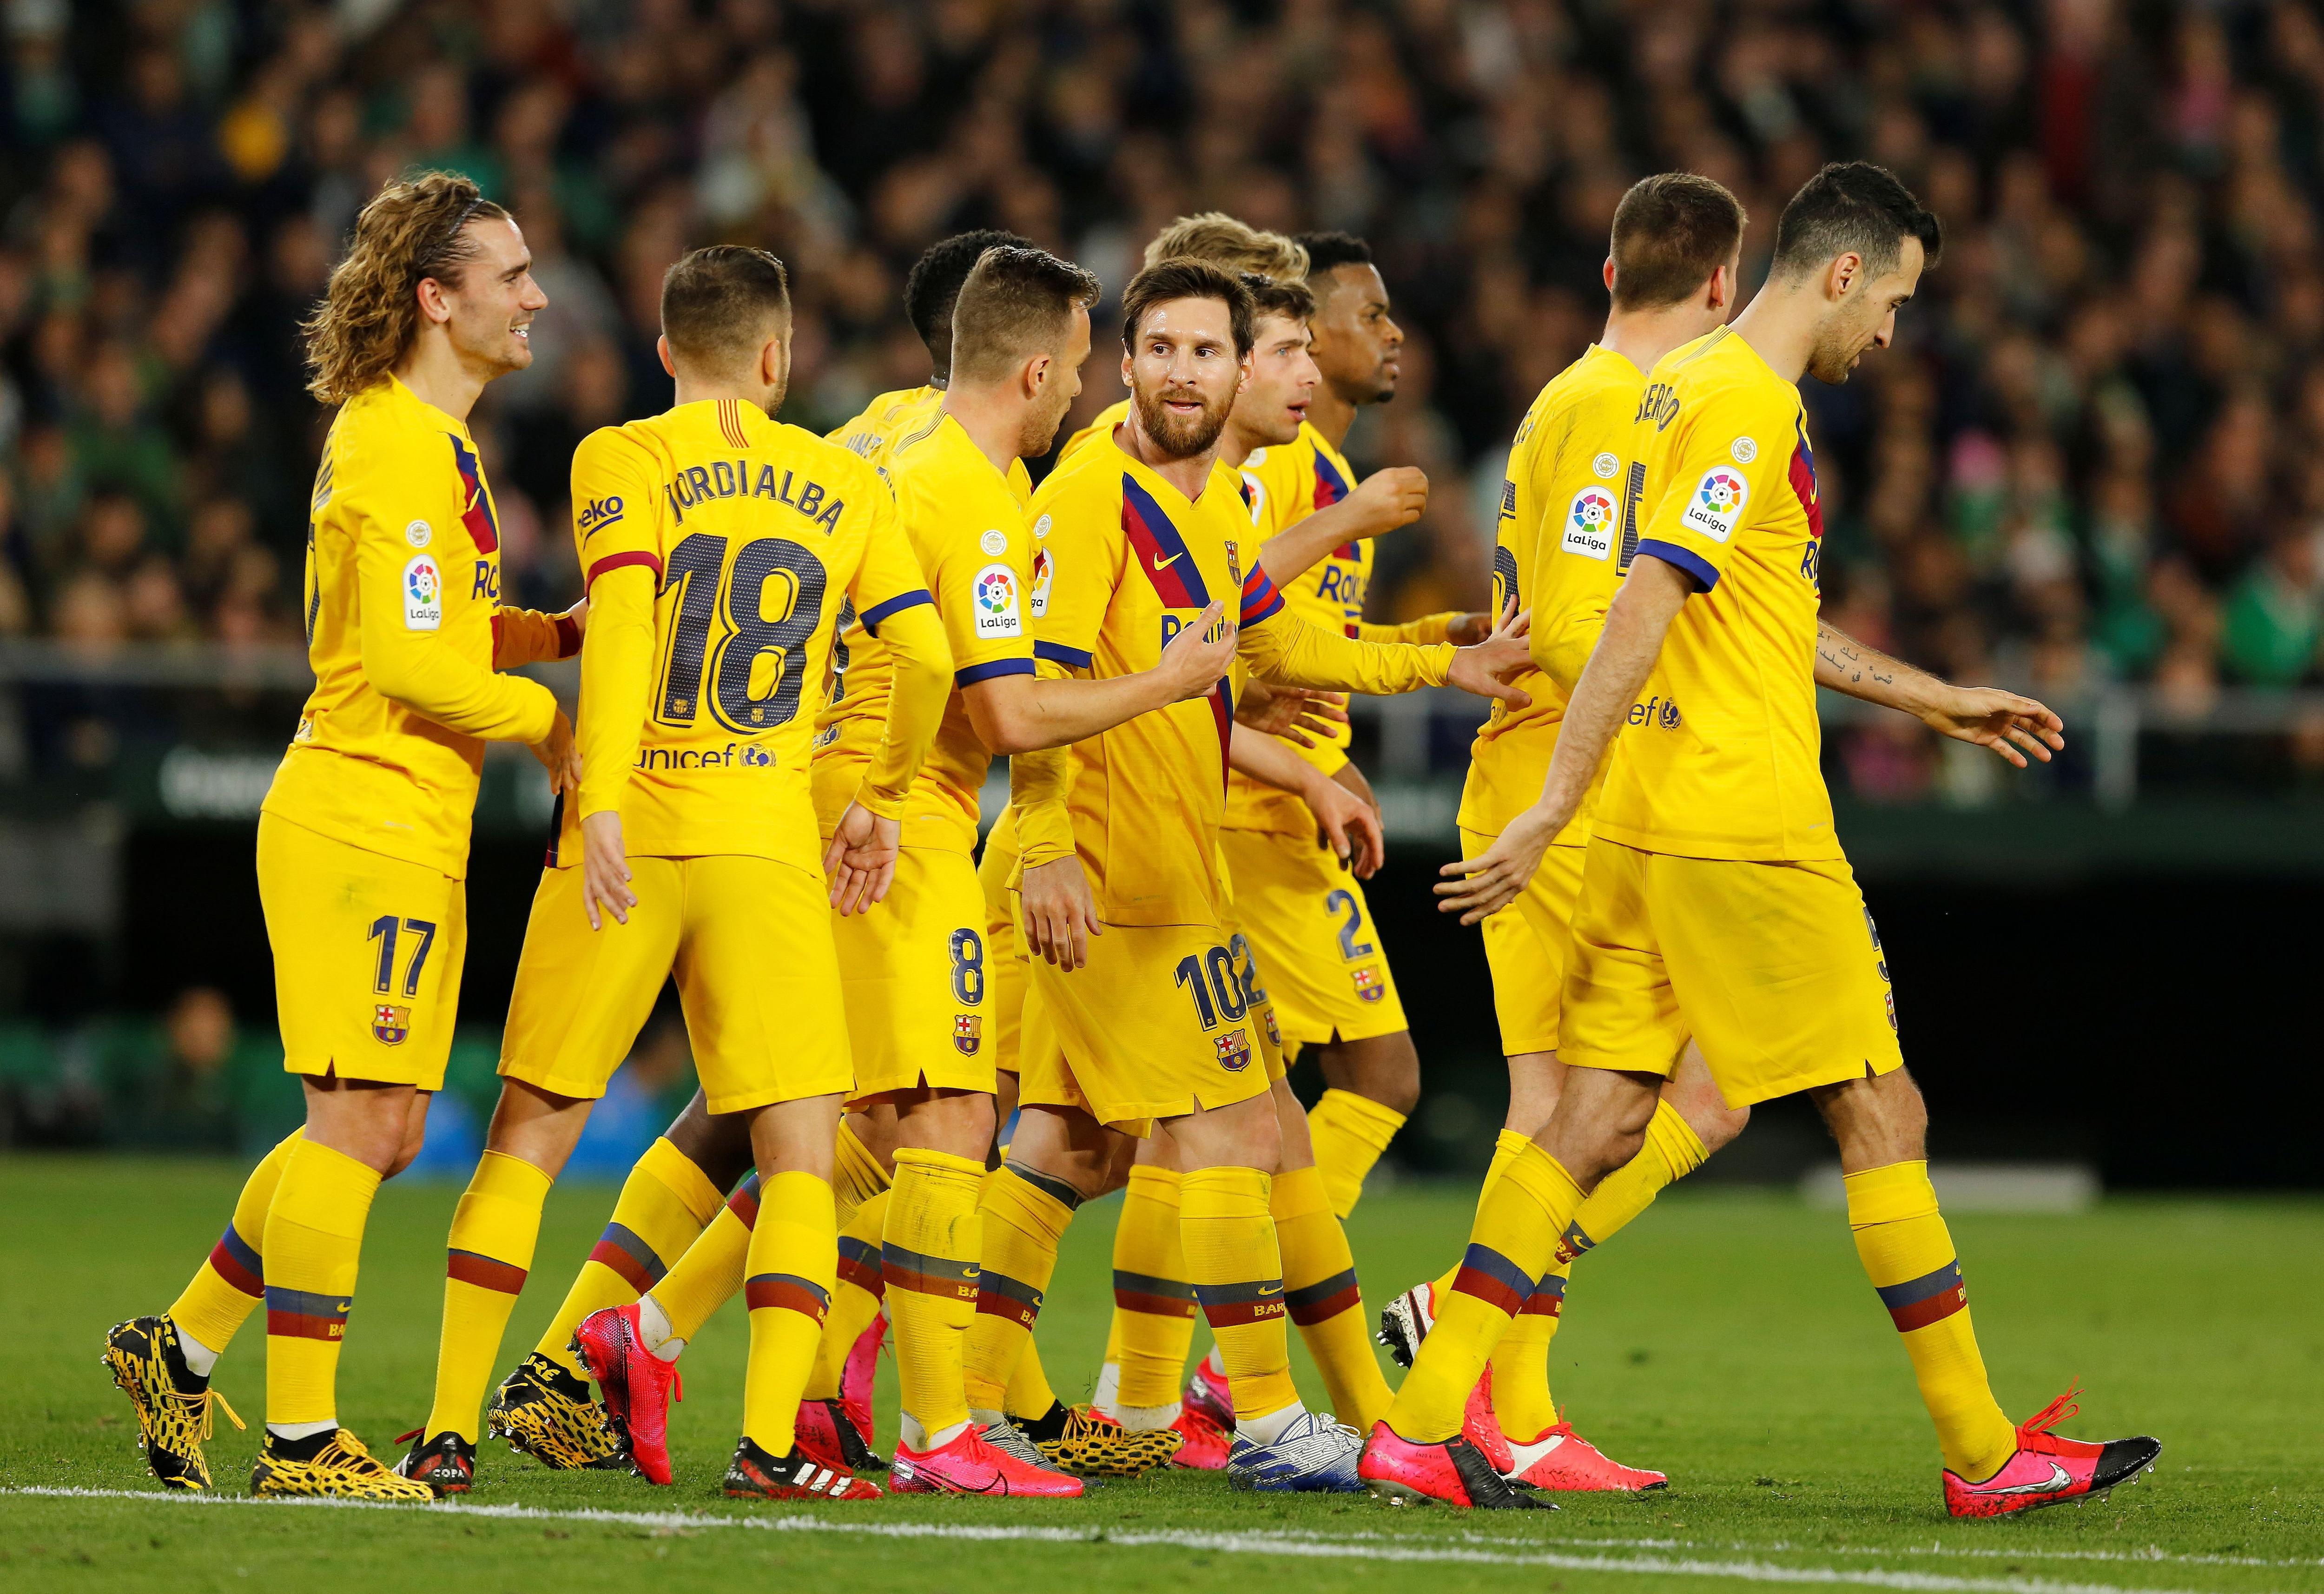 El plantel del Barcelona le envió un burofax a la dirigencia pero tres futbolistas no firmaron el documento (Reuters)